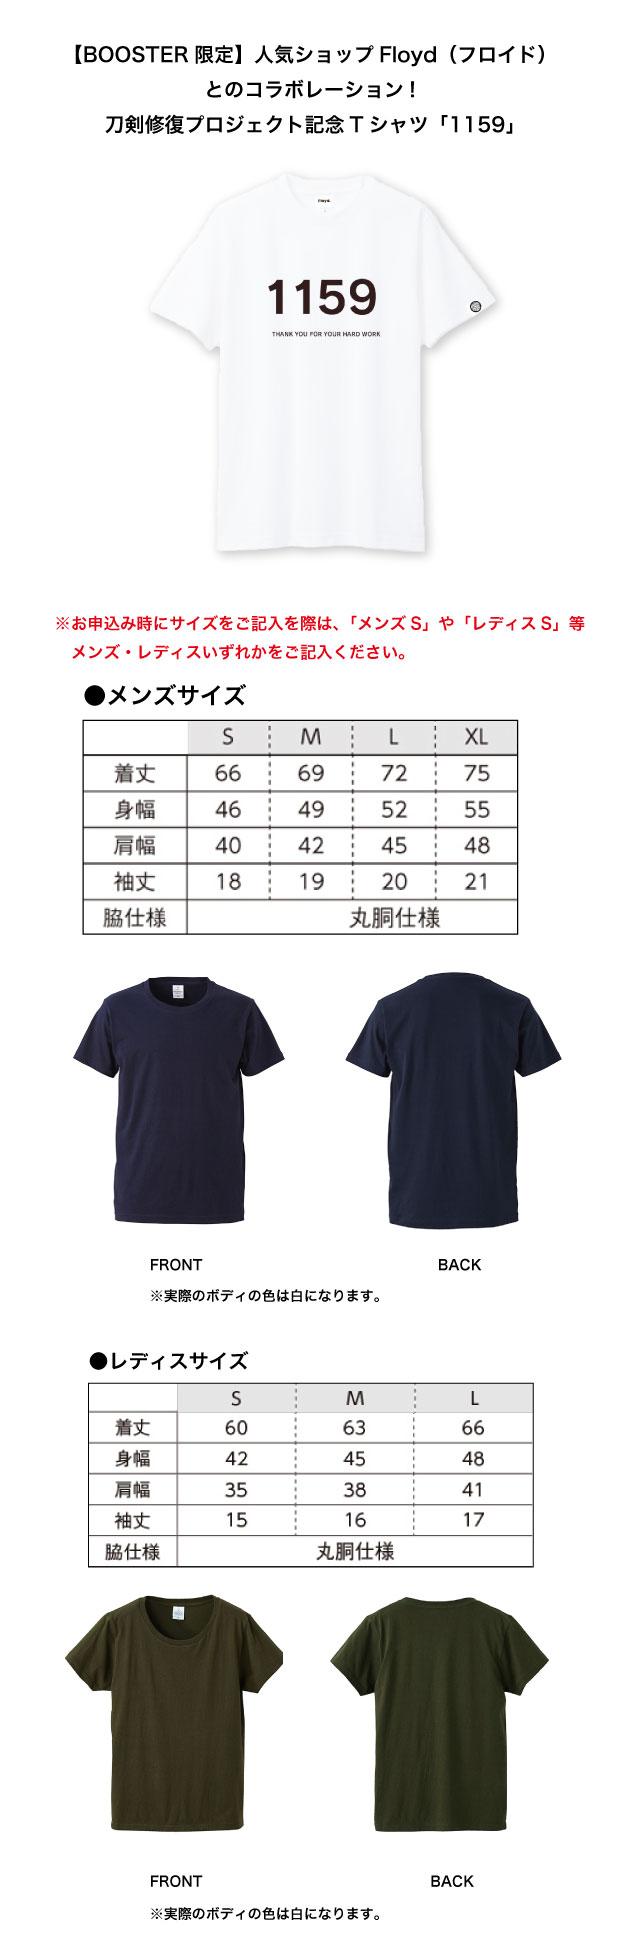 /data/project/309/Tシャツサイズ.jpg?1523261753